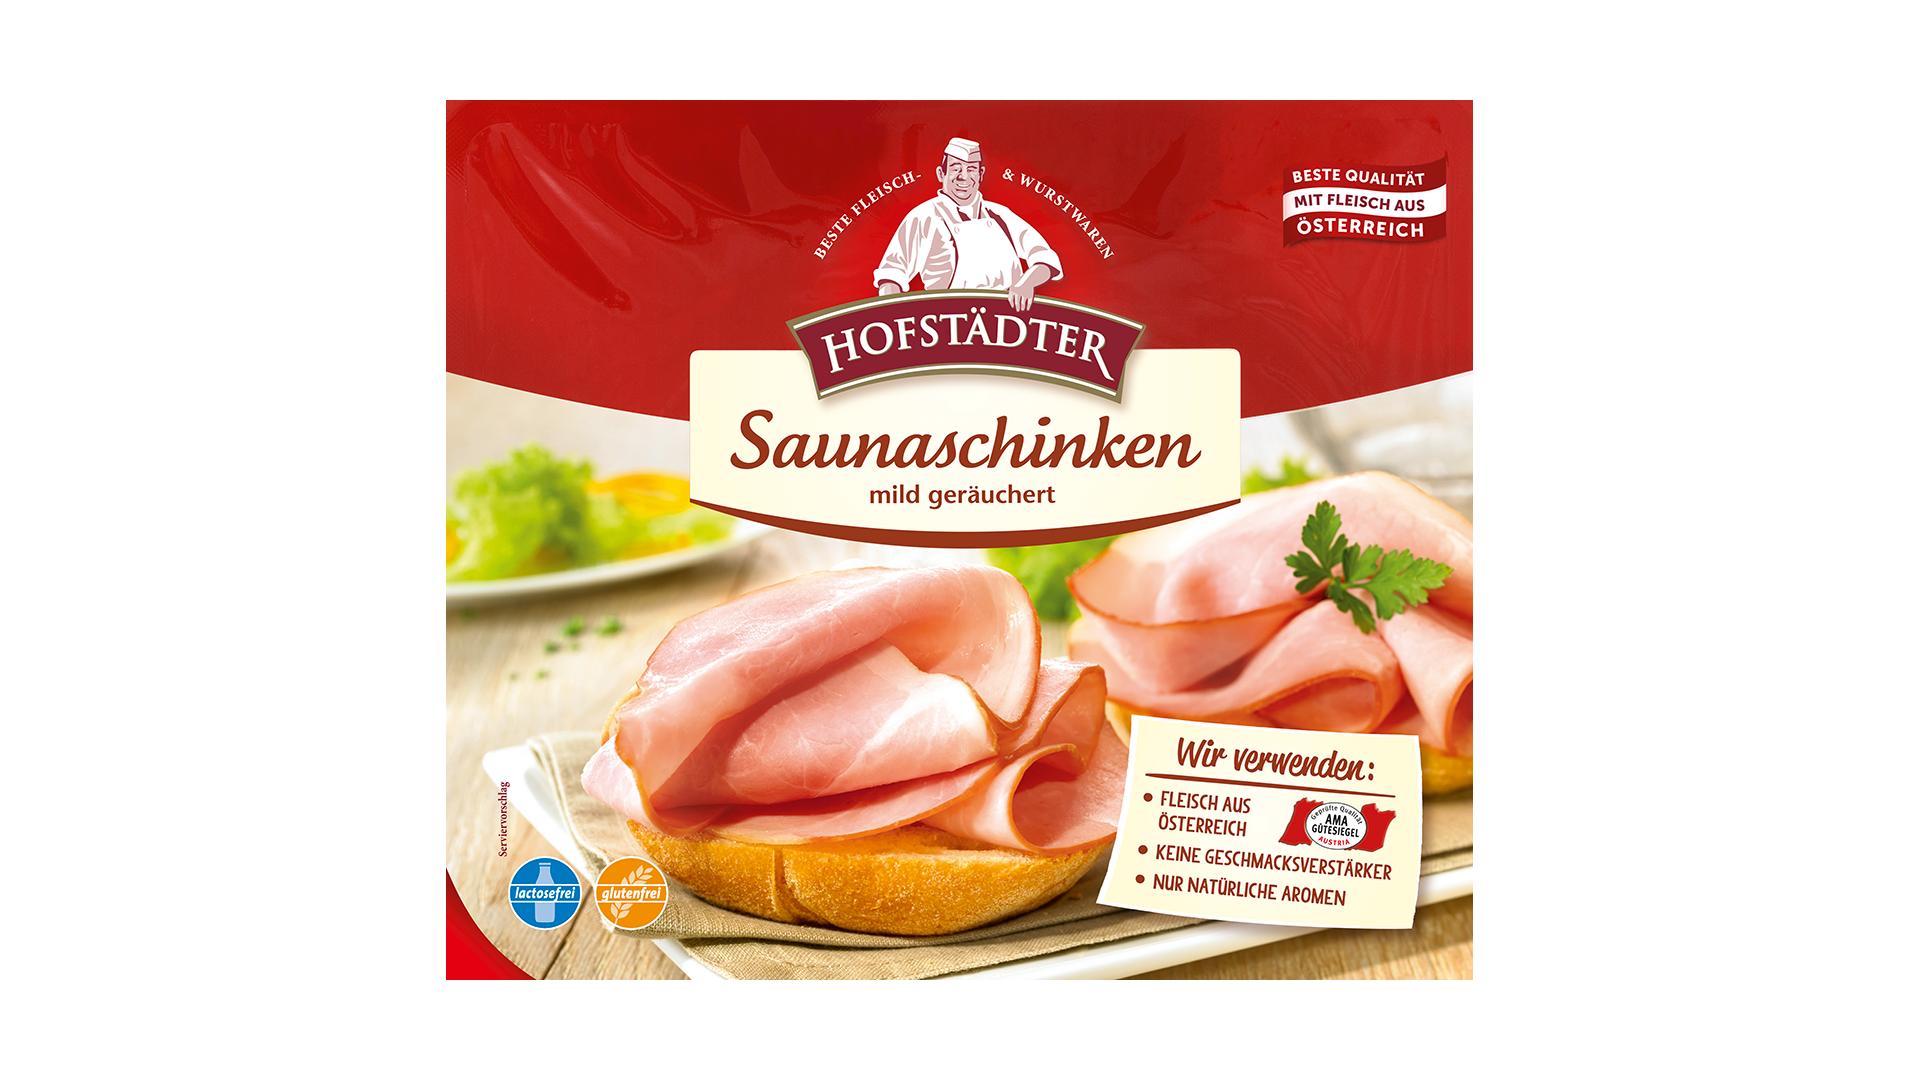 Hofstädter Saunaschinken